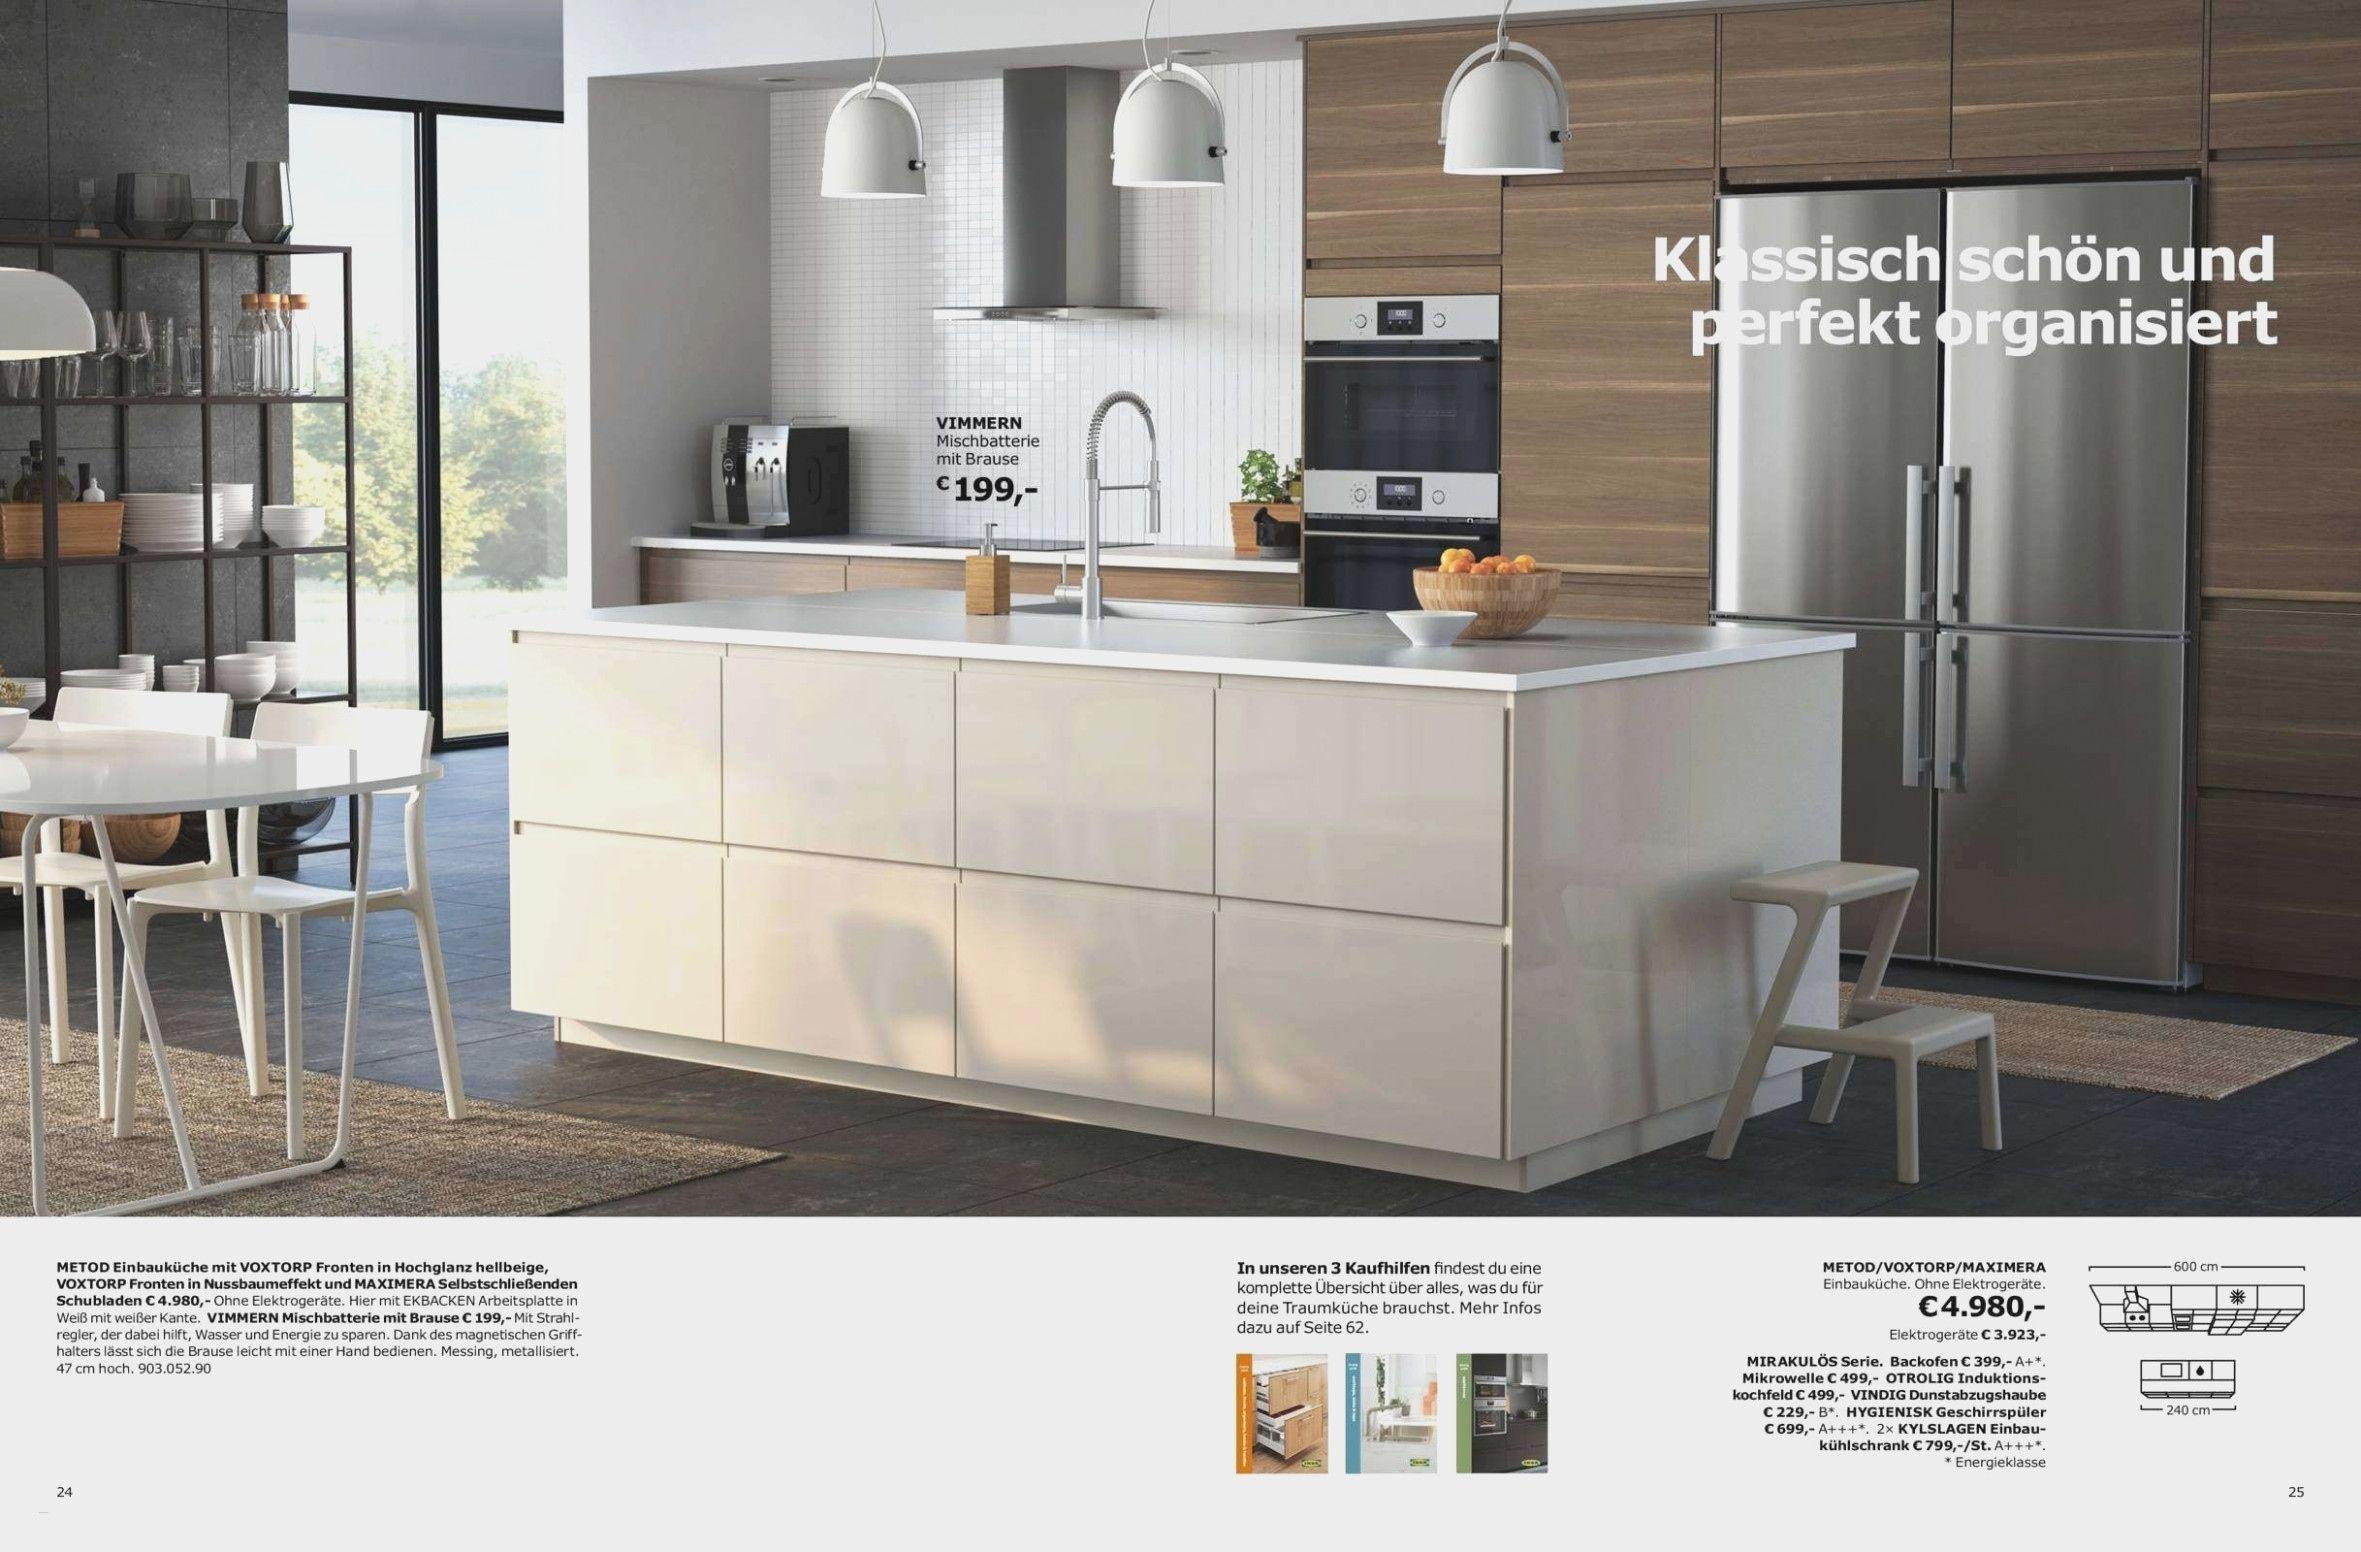 Einbau mikrowelle ikea küche küche küchenmöbel für dein zuhause ikea